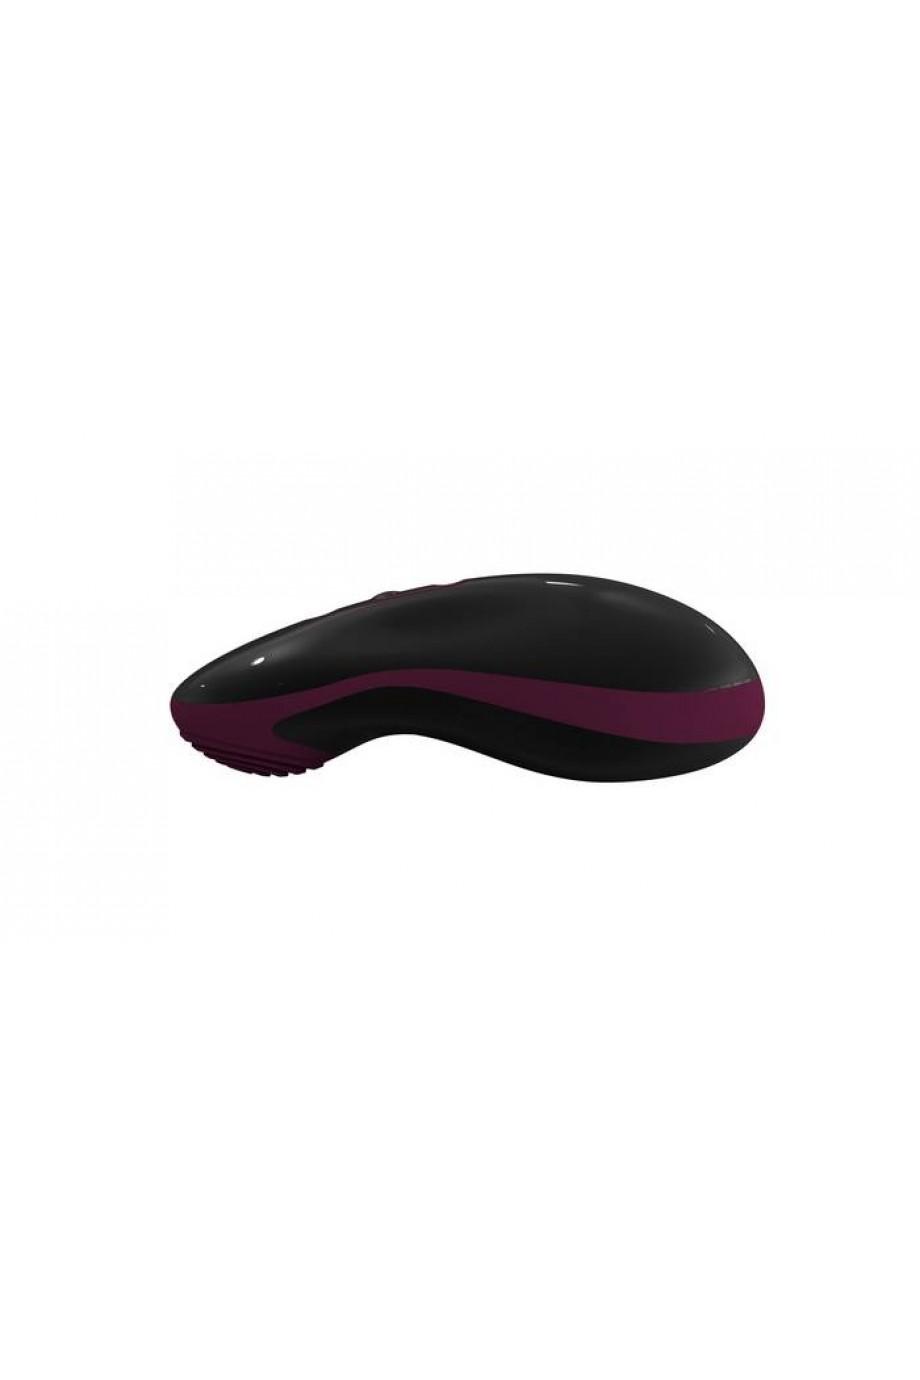 Вибростимулятор Mouse черно-фиолетовый 10 см